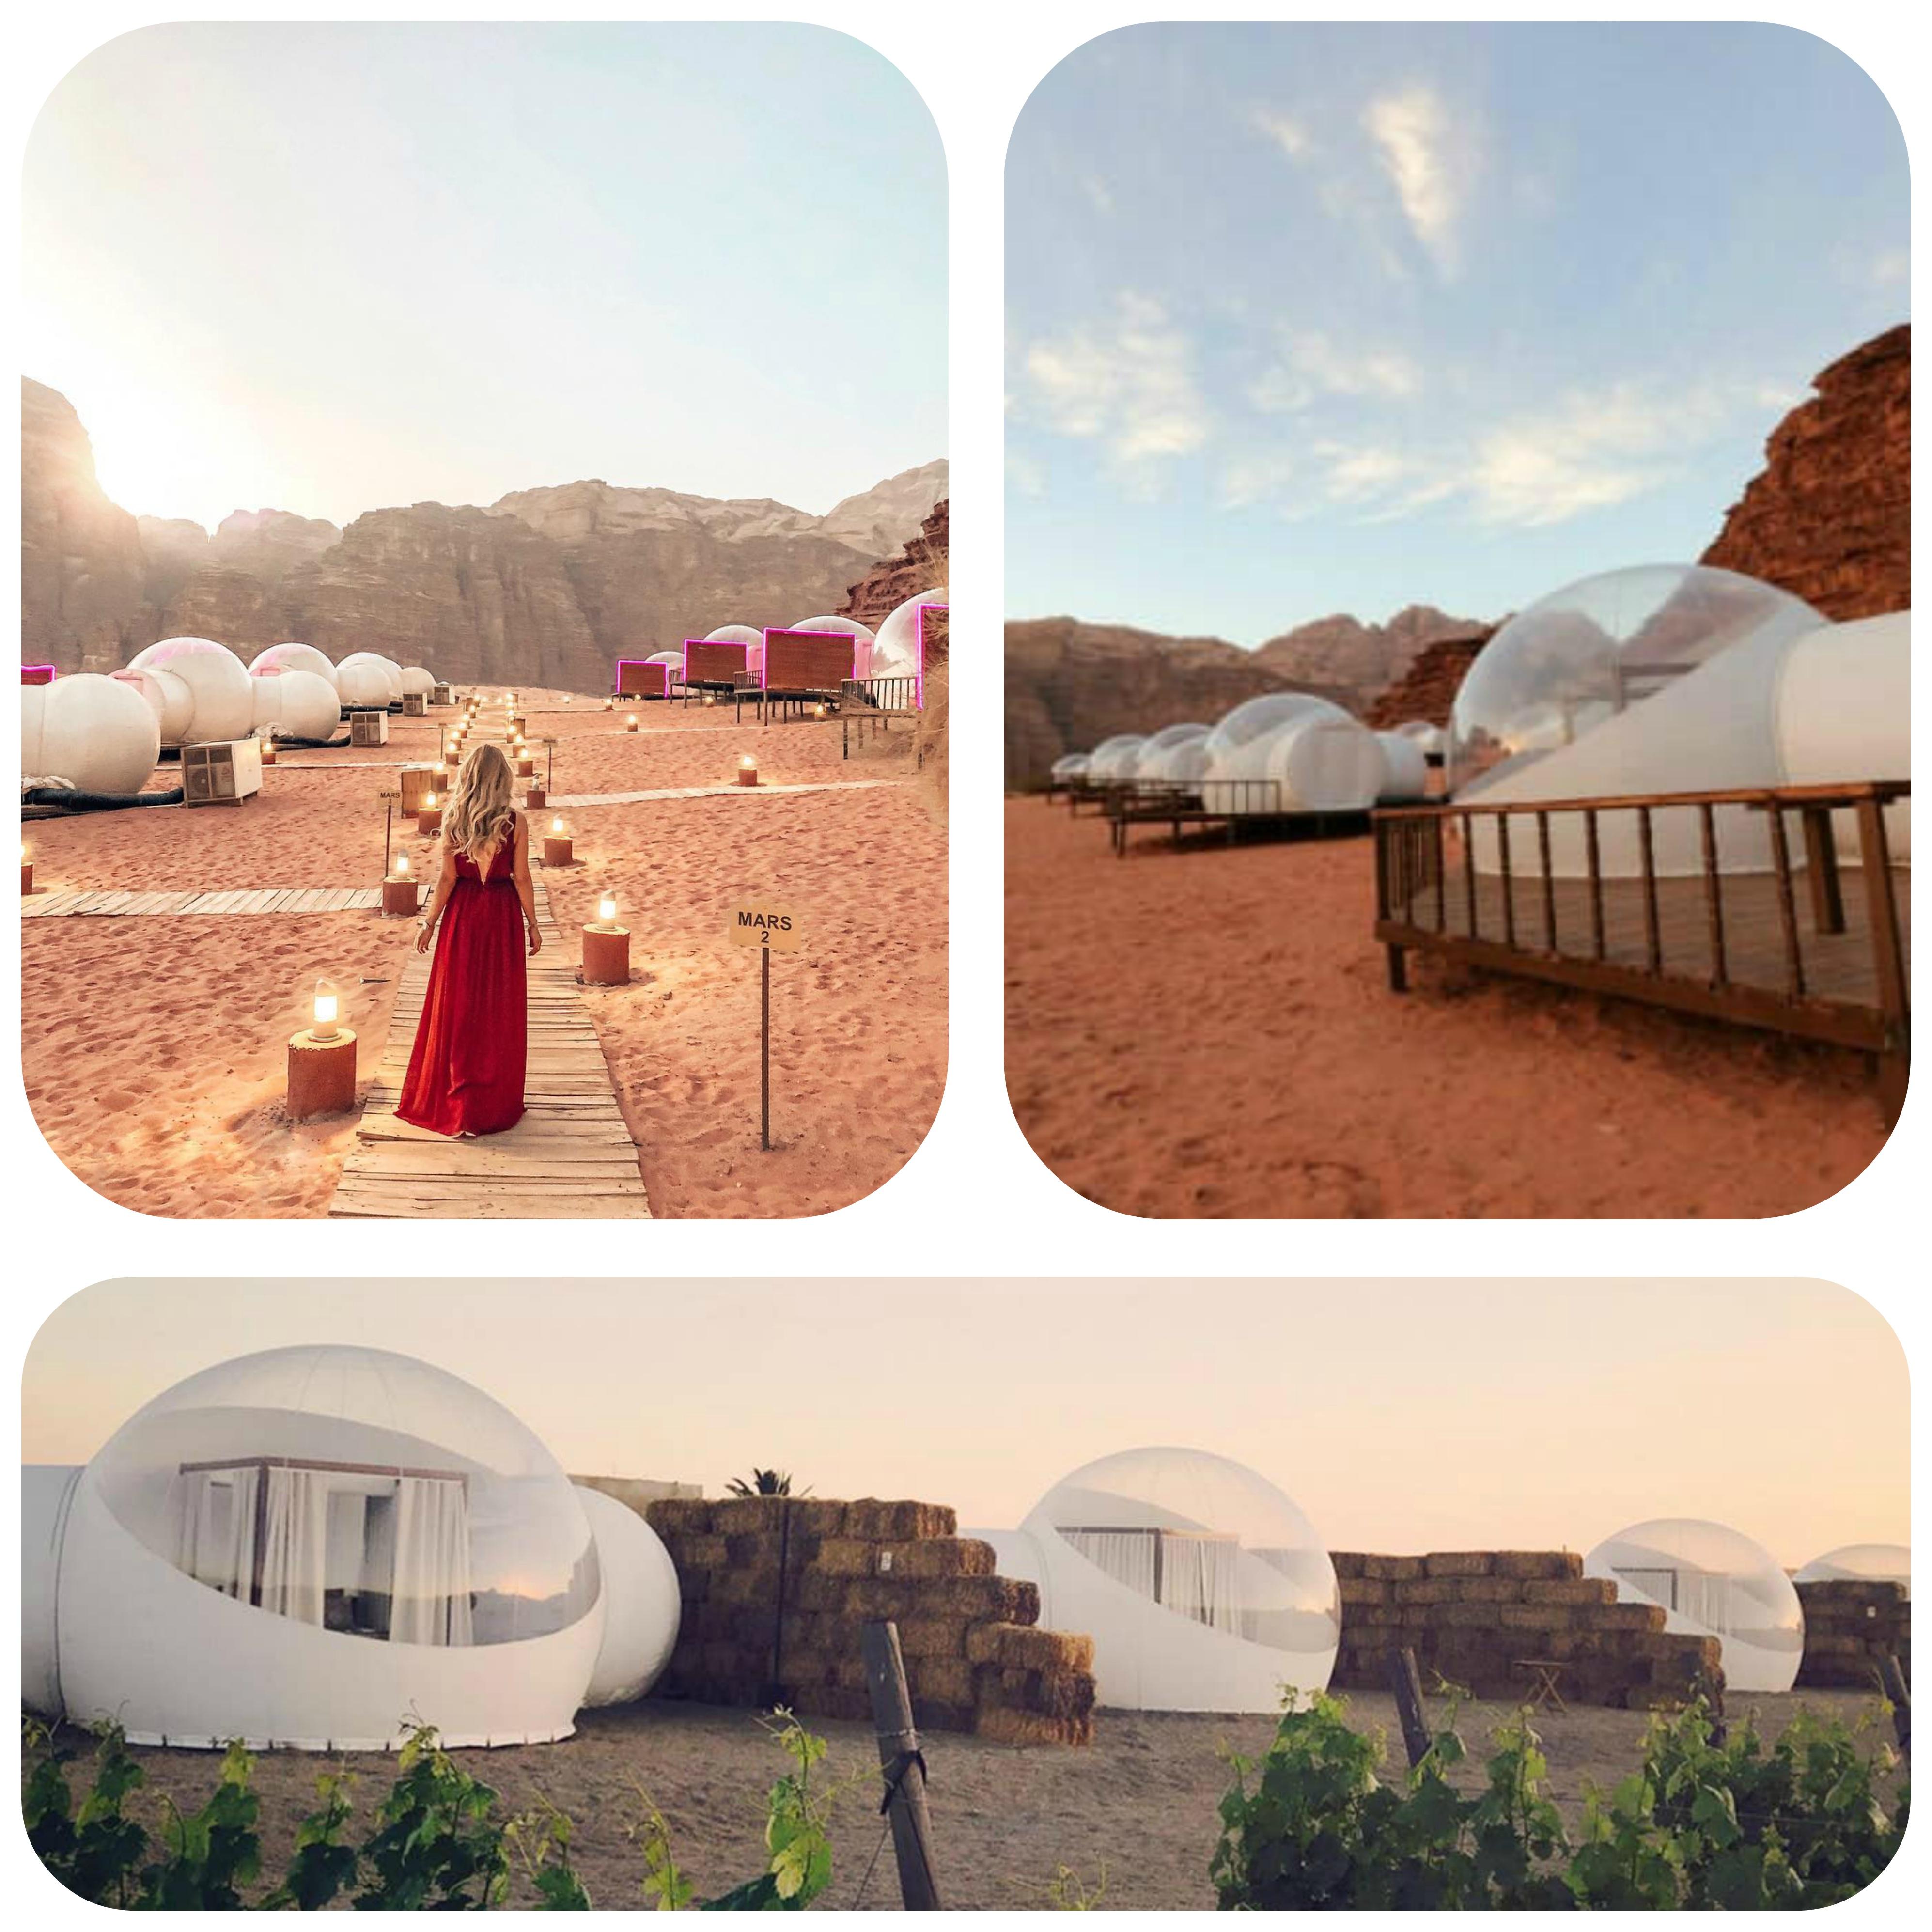 bubble-tent-una-de-las-mejores-tiendas-de-campana-del-mundo-glamping